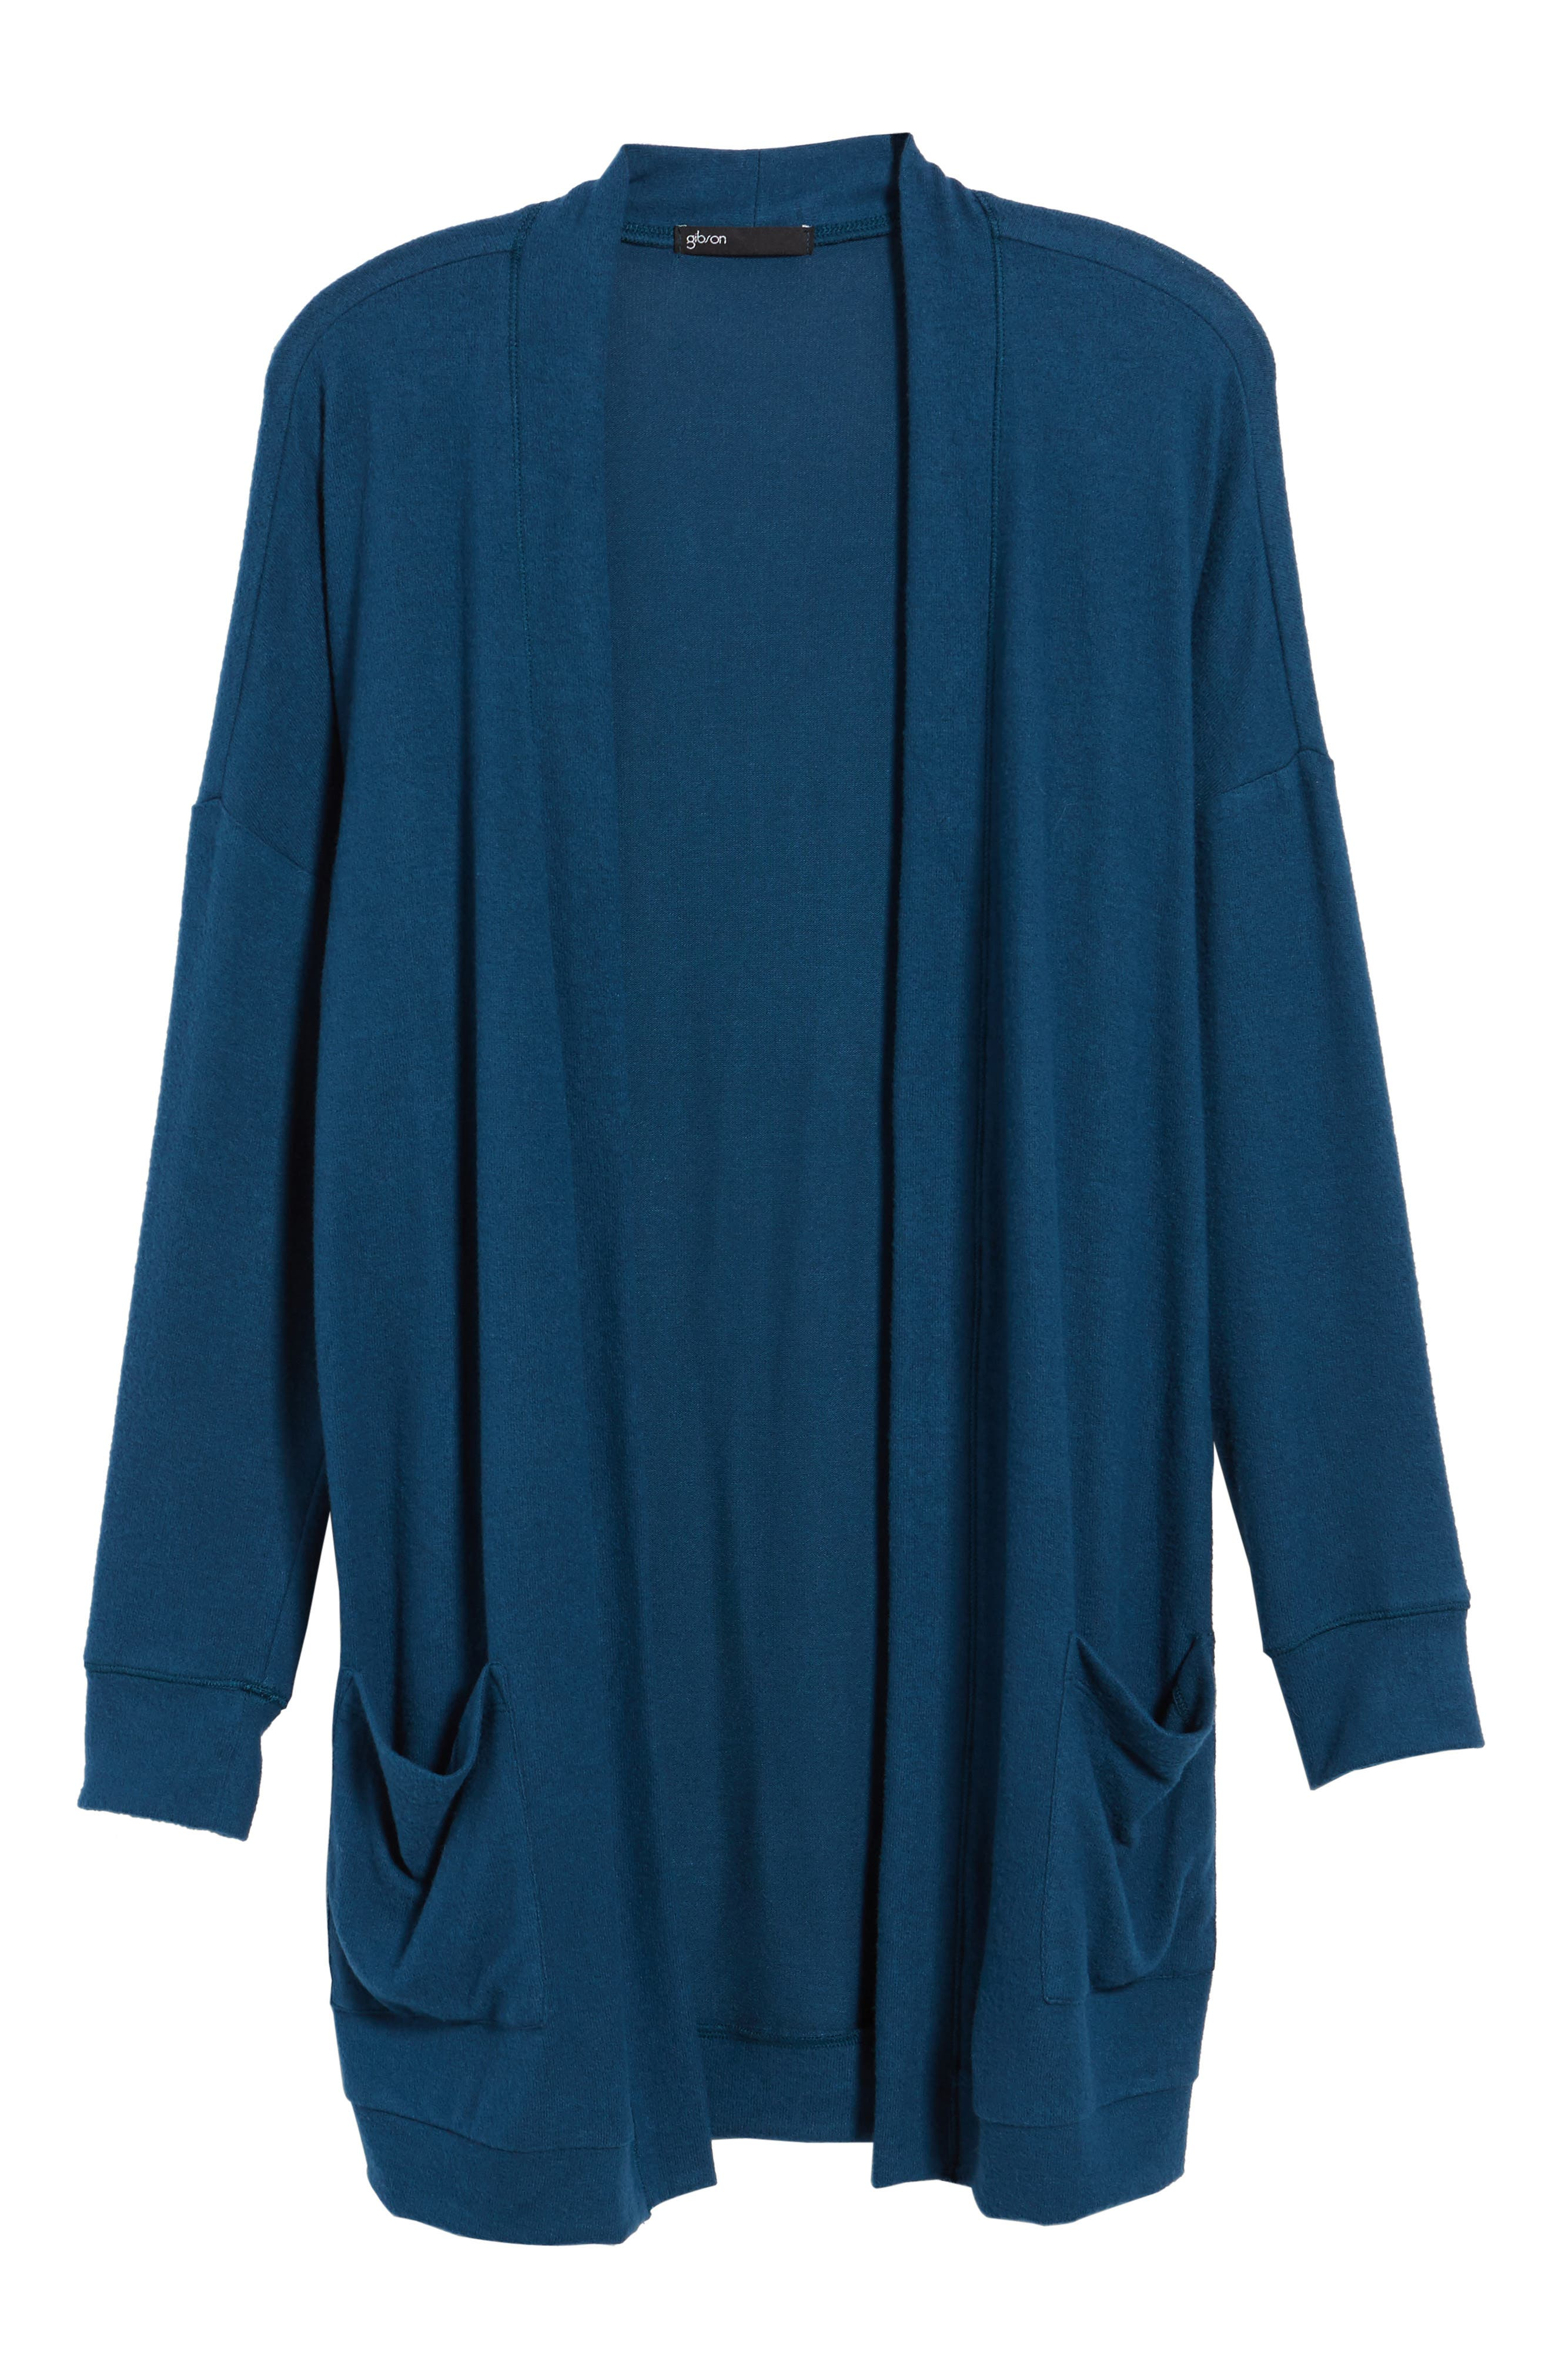 Rib Knit Cardigan,                             Alternate thumbnail 6, color,                             BLUE CERAMIC